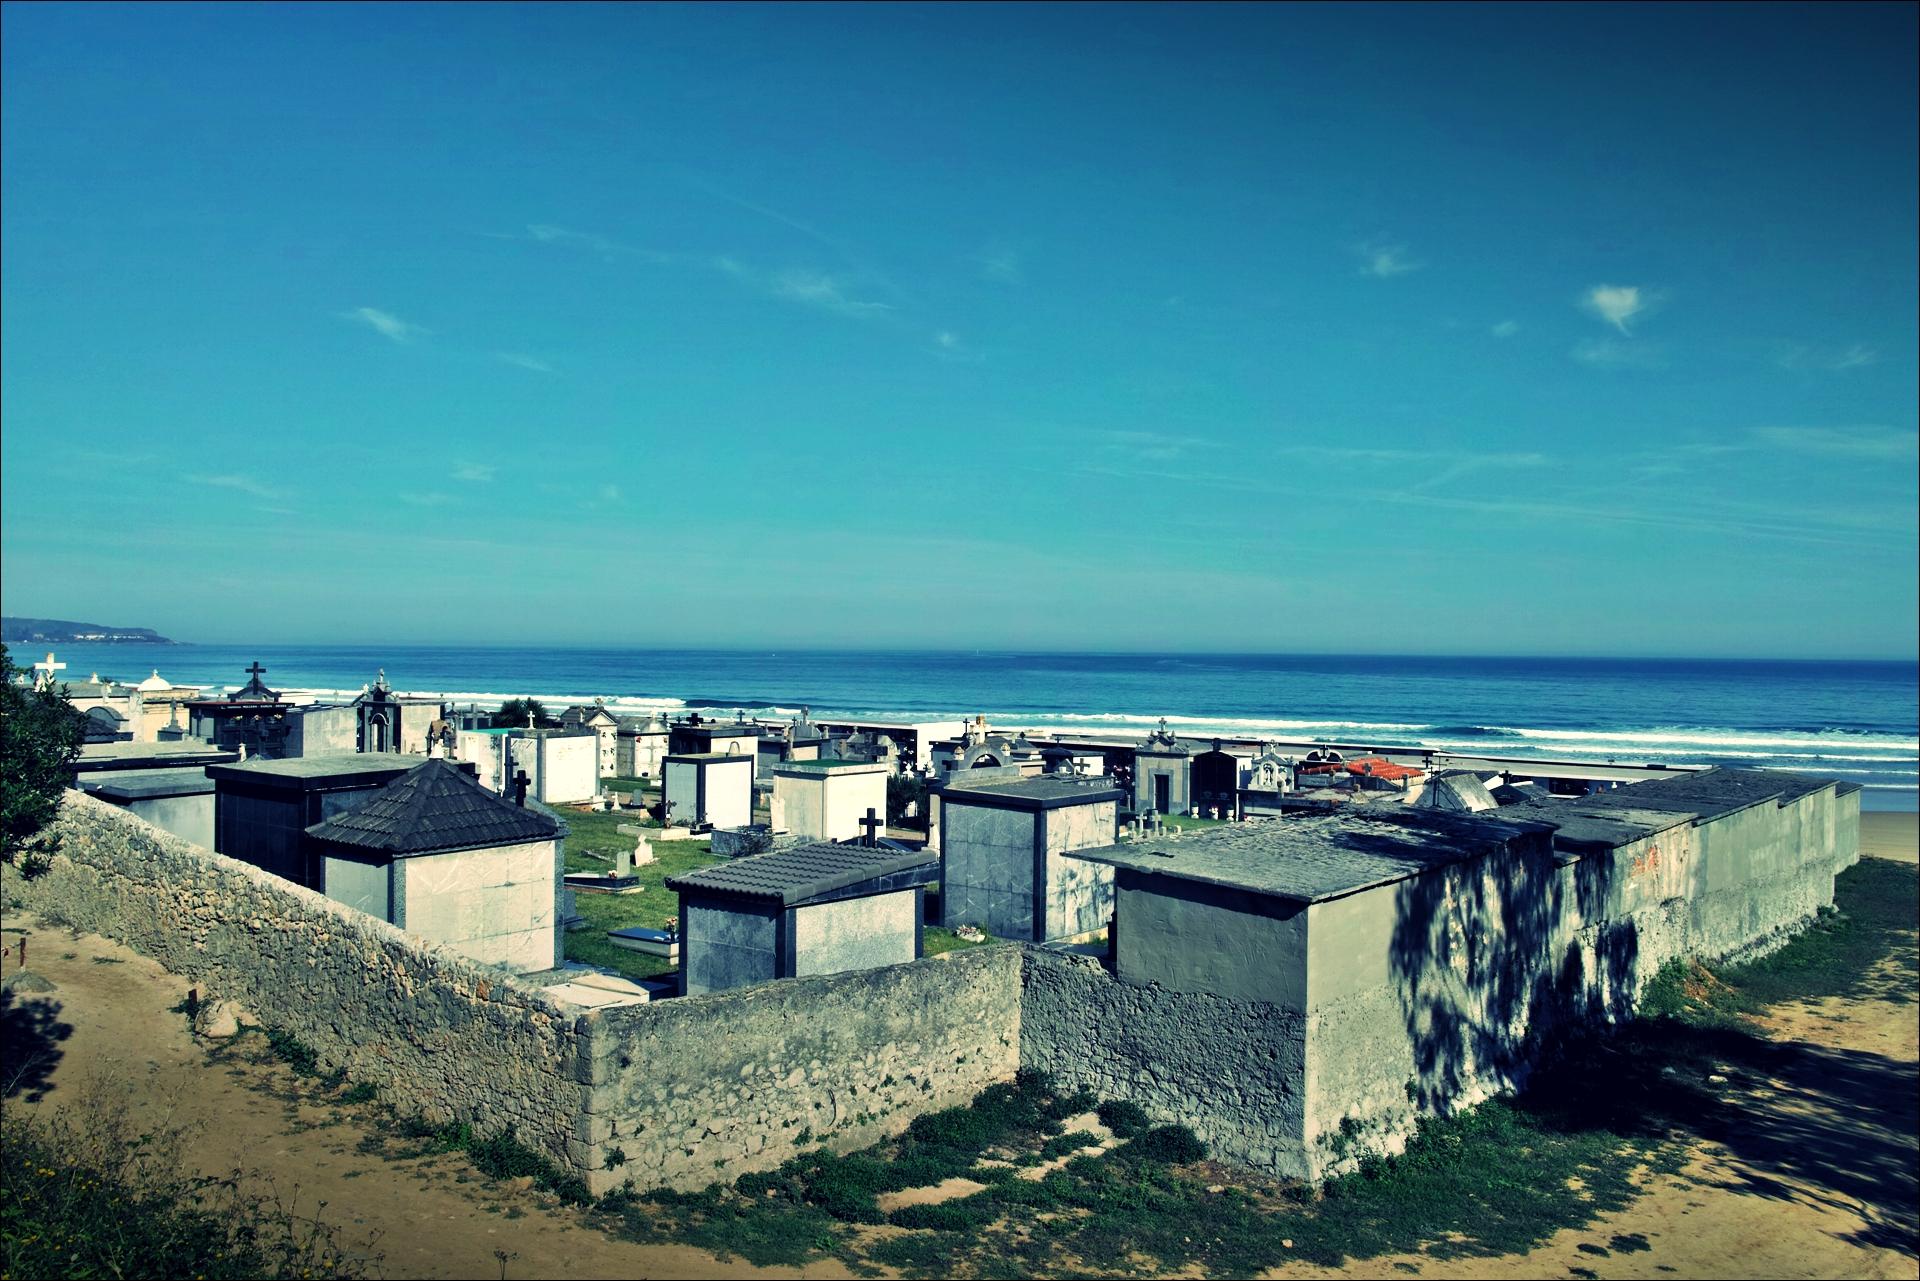 묘지-'카미노 데 산티아고 북쪽길. 산토냐에서 노하. (Camino del Norte - Santoña to Noja)'